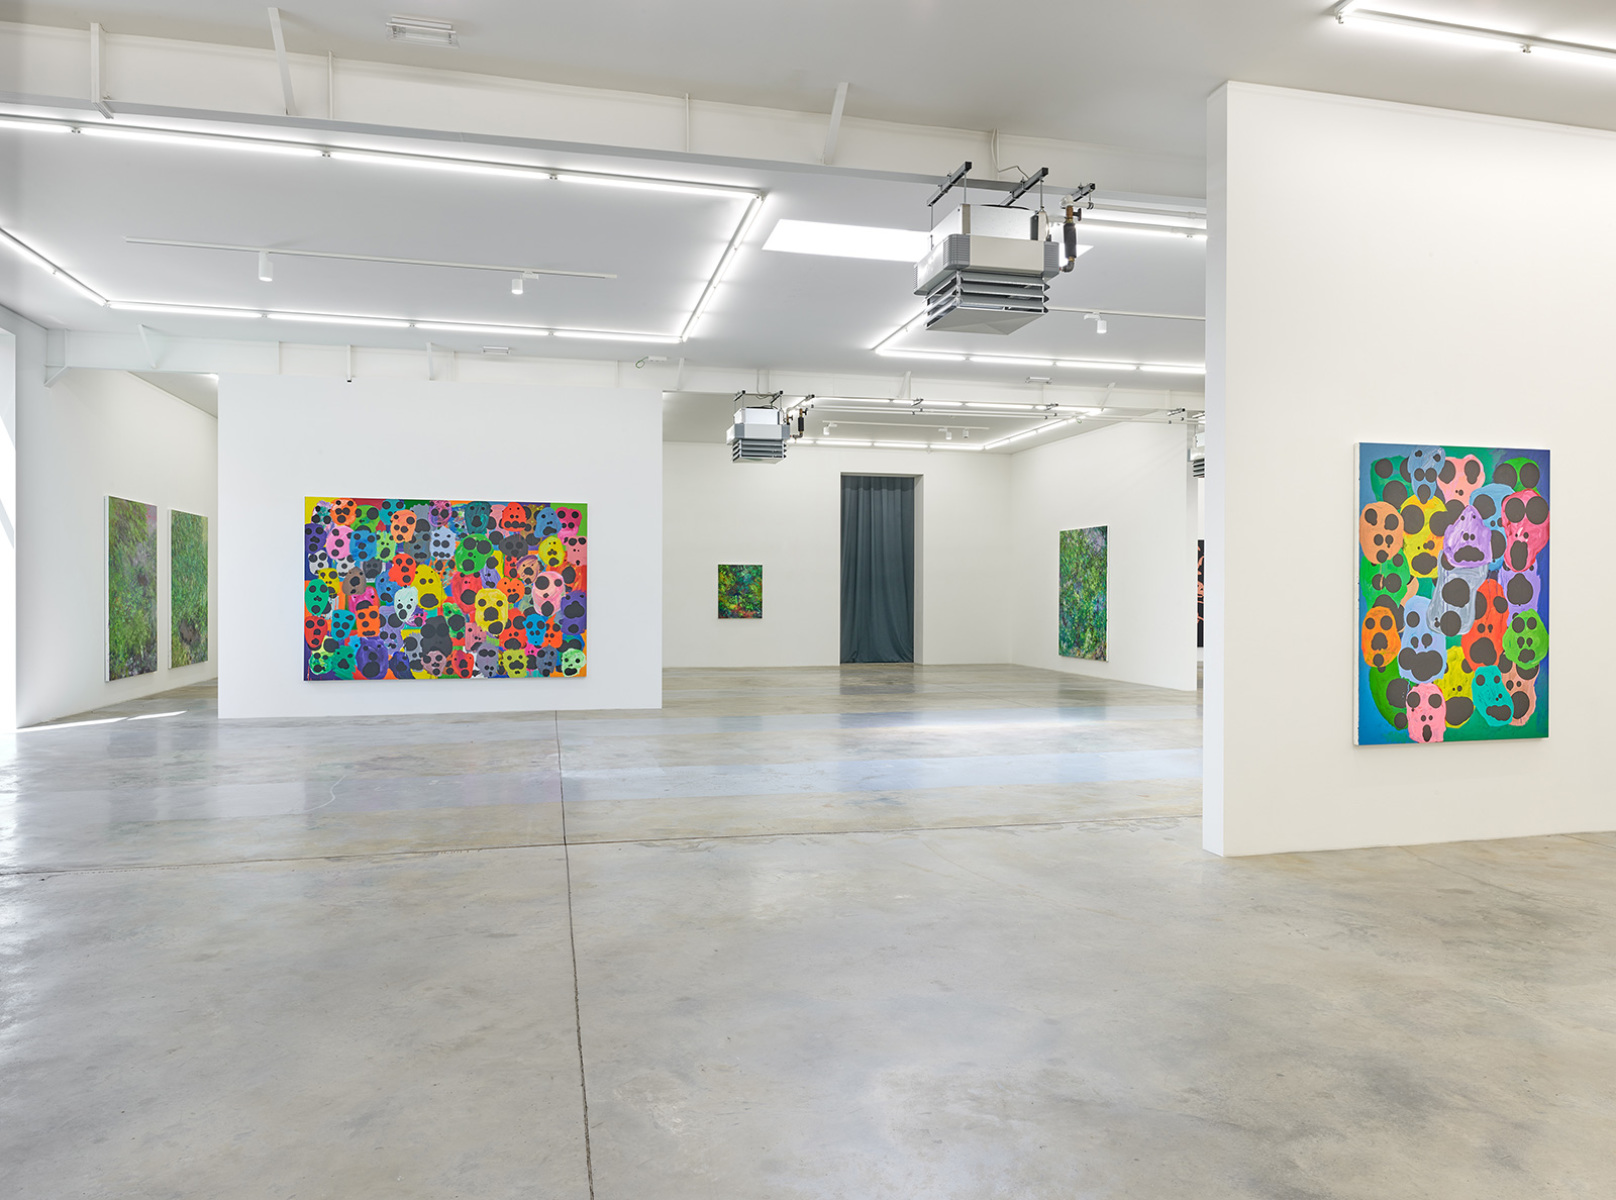 Exhibition view, Mitja Tušek, Freitzeit ist Arbeit, Wandhaff, juin 2021 #10